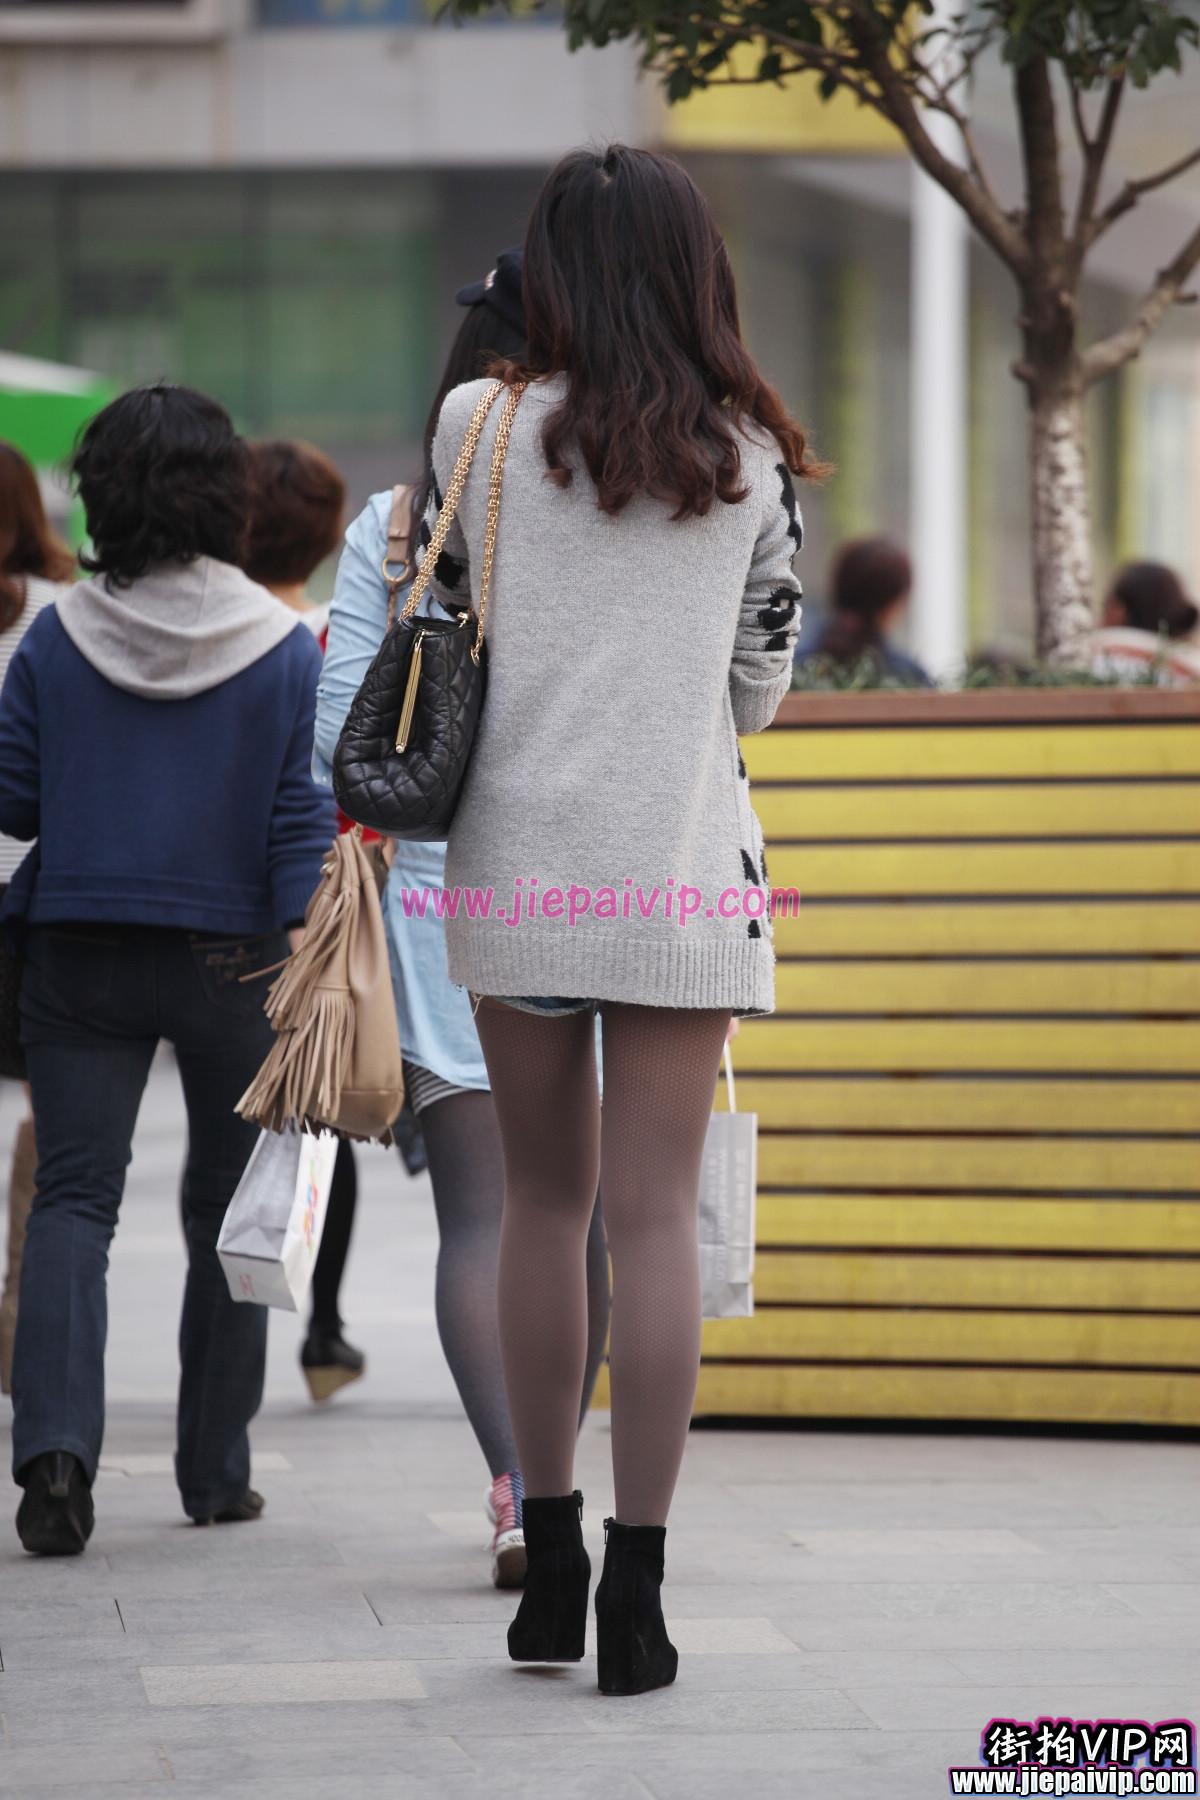 非常正点,时尚短裤美眉3